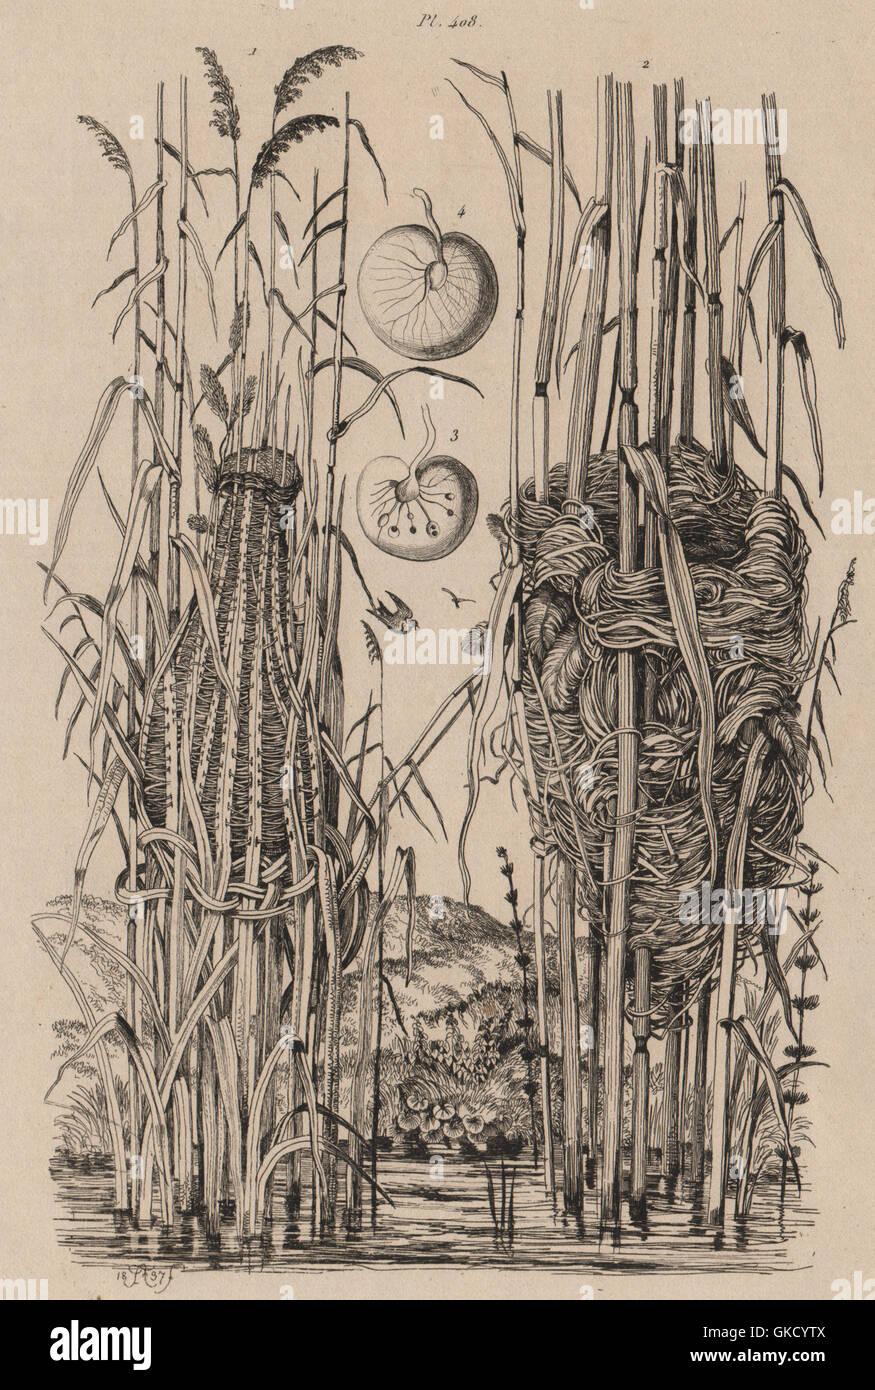 WARBLER NESTS: Golden-headed Cisticola. Reed warbler. Sea Sparkle, print 1834 - Stock Image